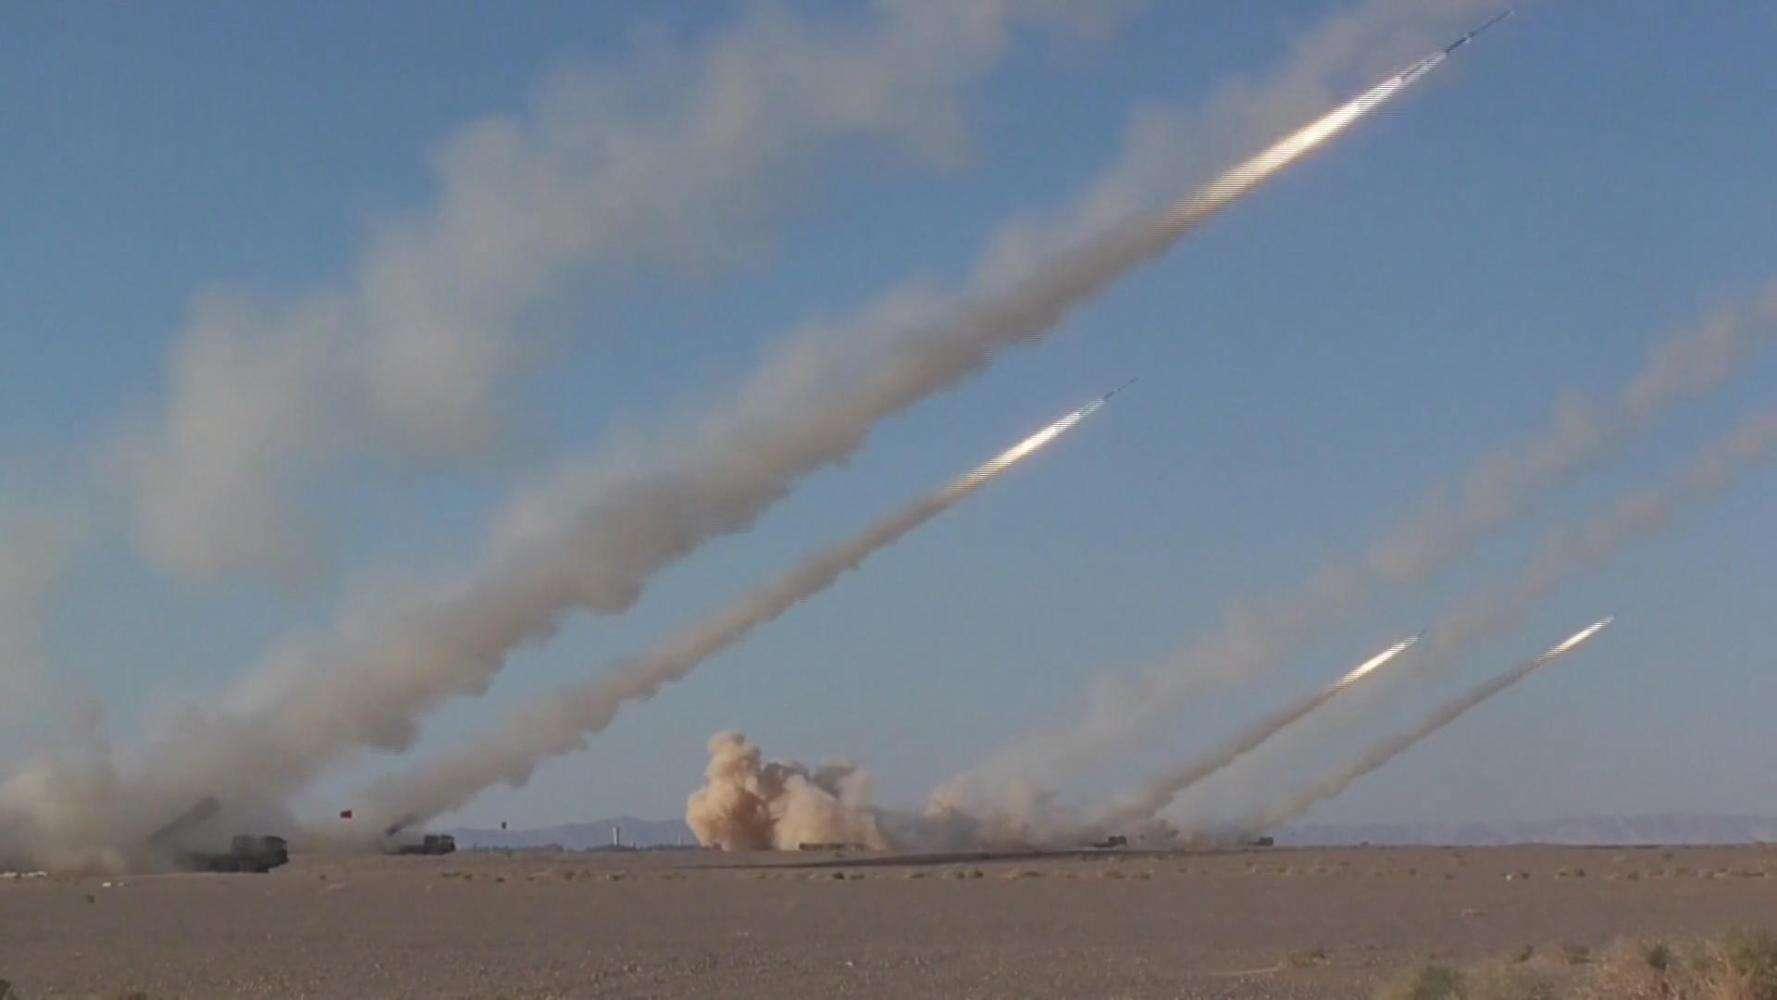 军官临阵脱逃,防空系统为零,亚美尼亚高官首次披露惨败原因